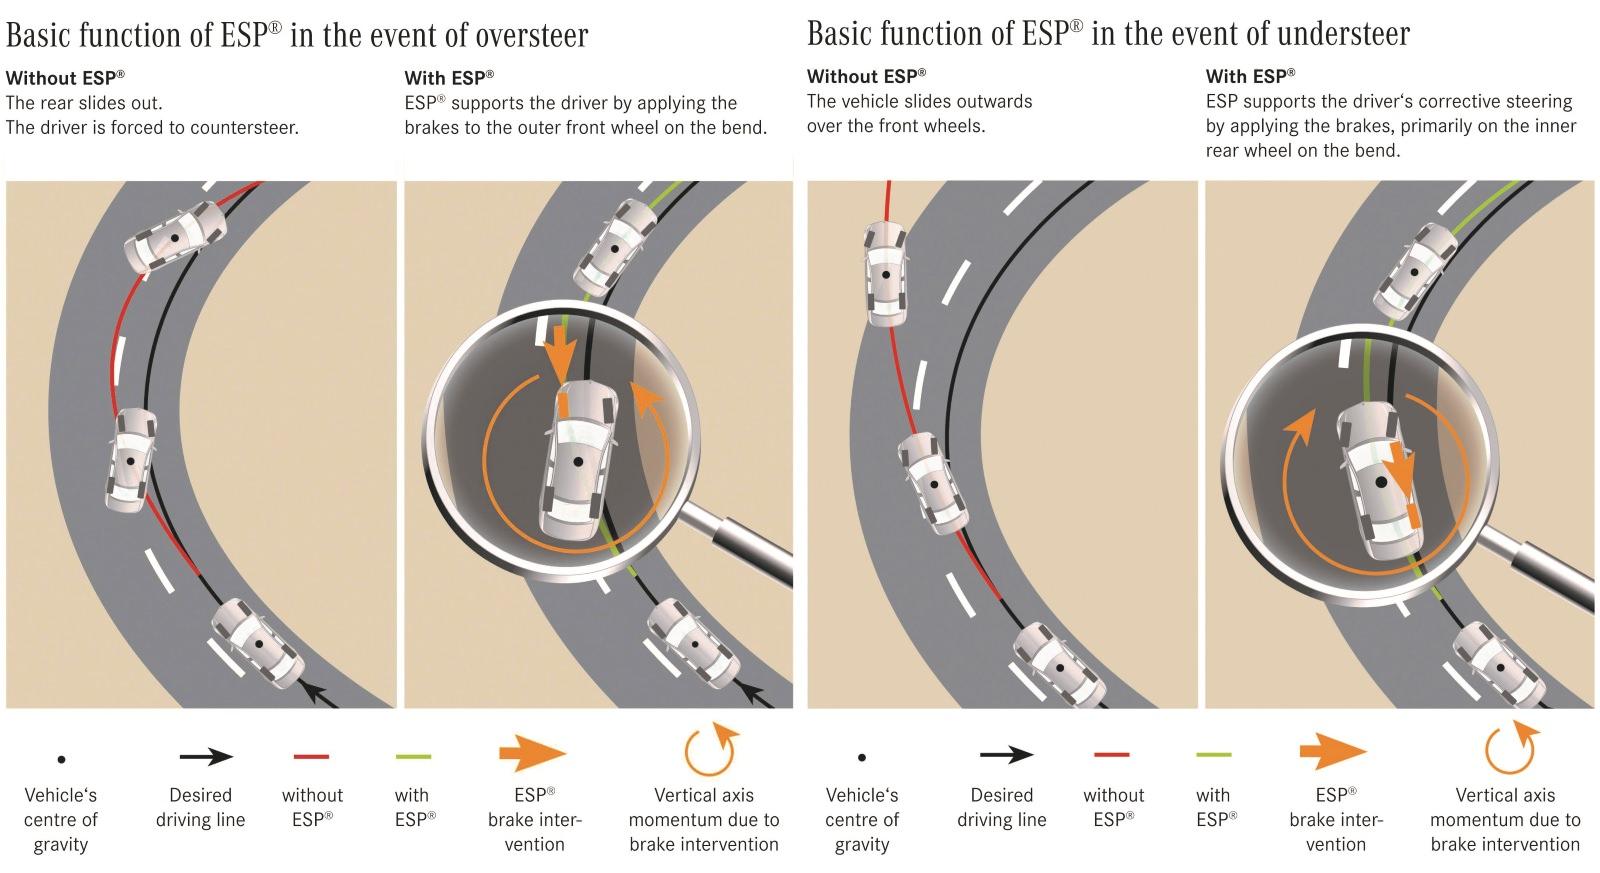 Funcionamento do ESP em condição de oversteer (saída de traseira) e understeer (saída de frente)